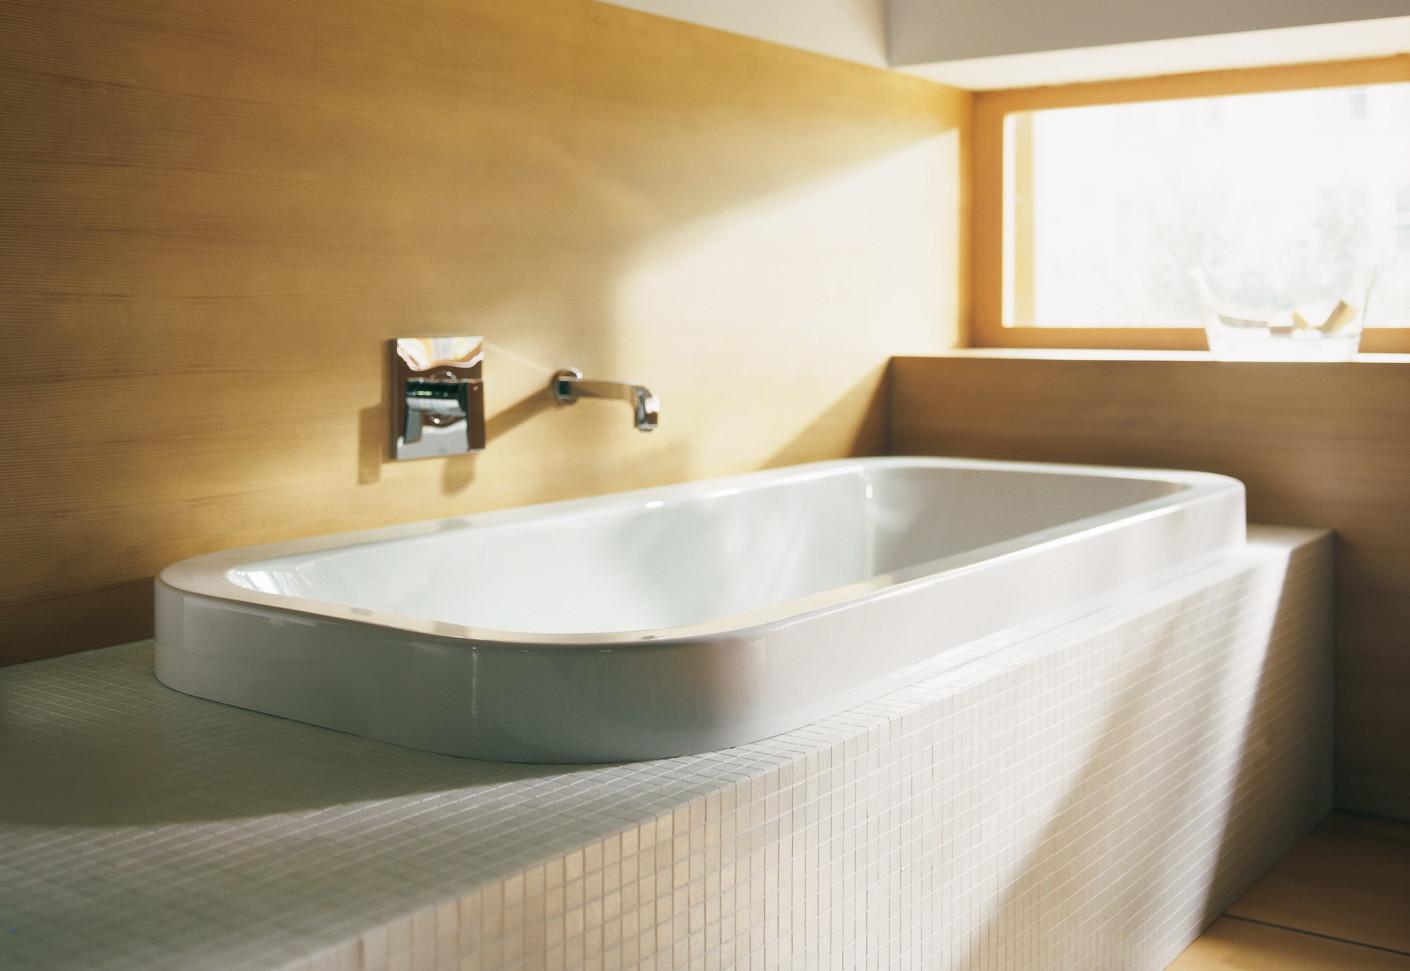 happy d. wanne aufbauversion von duravit | stylepark, Badezimmer ideen